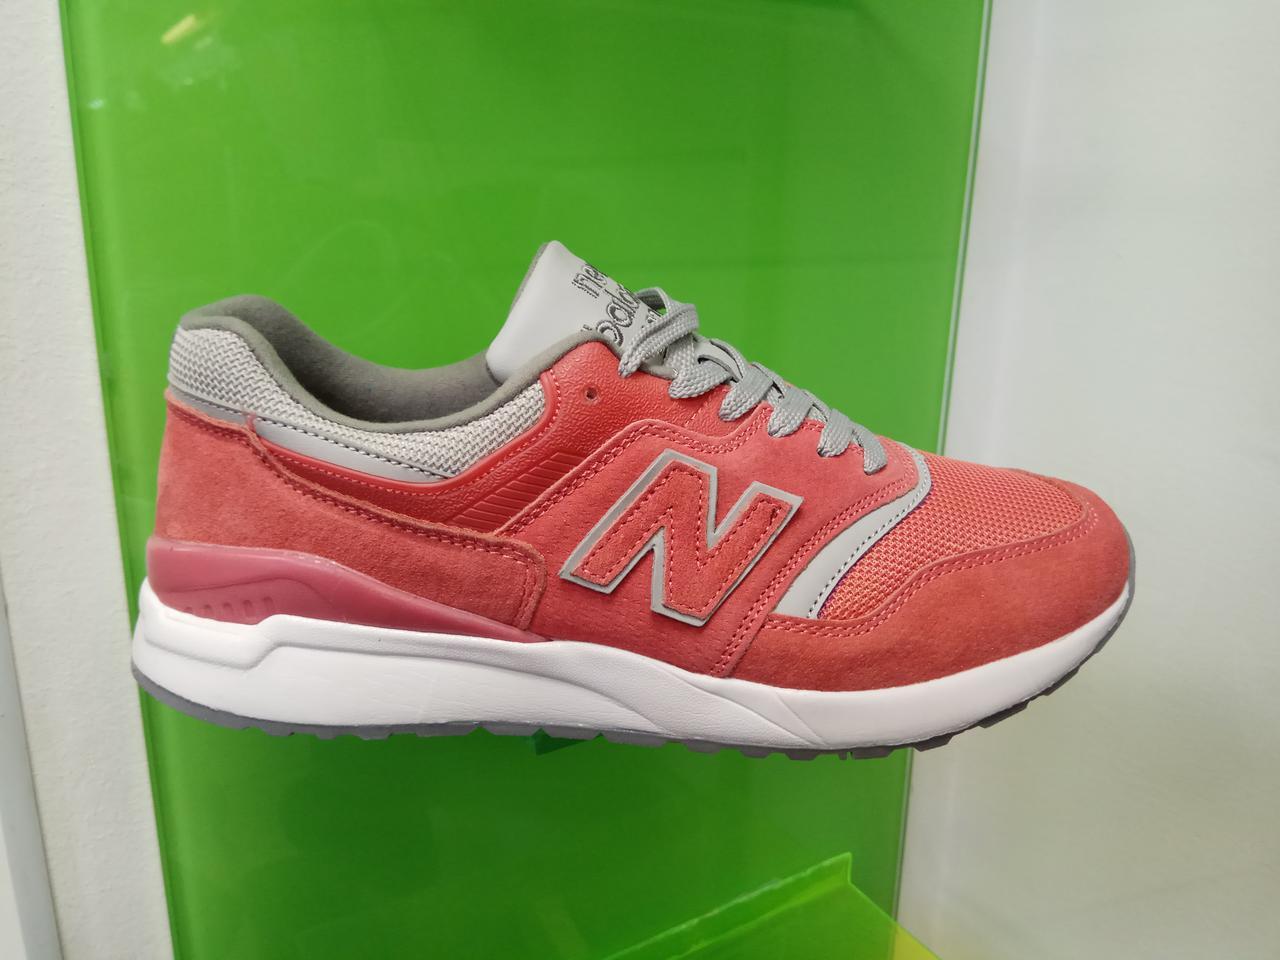 Женские кроссовки new balance 997,5 кораловые